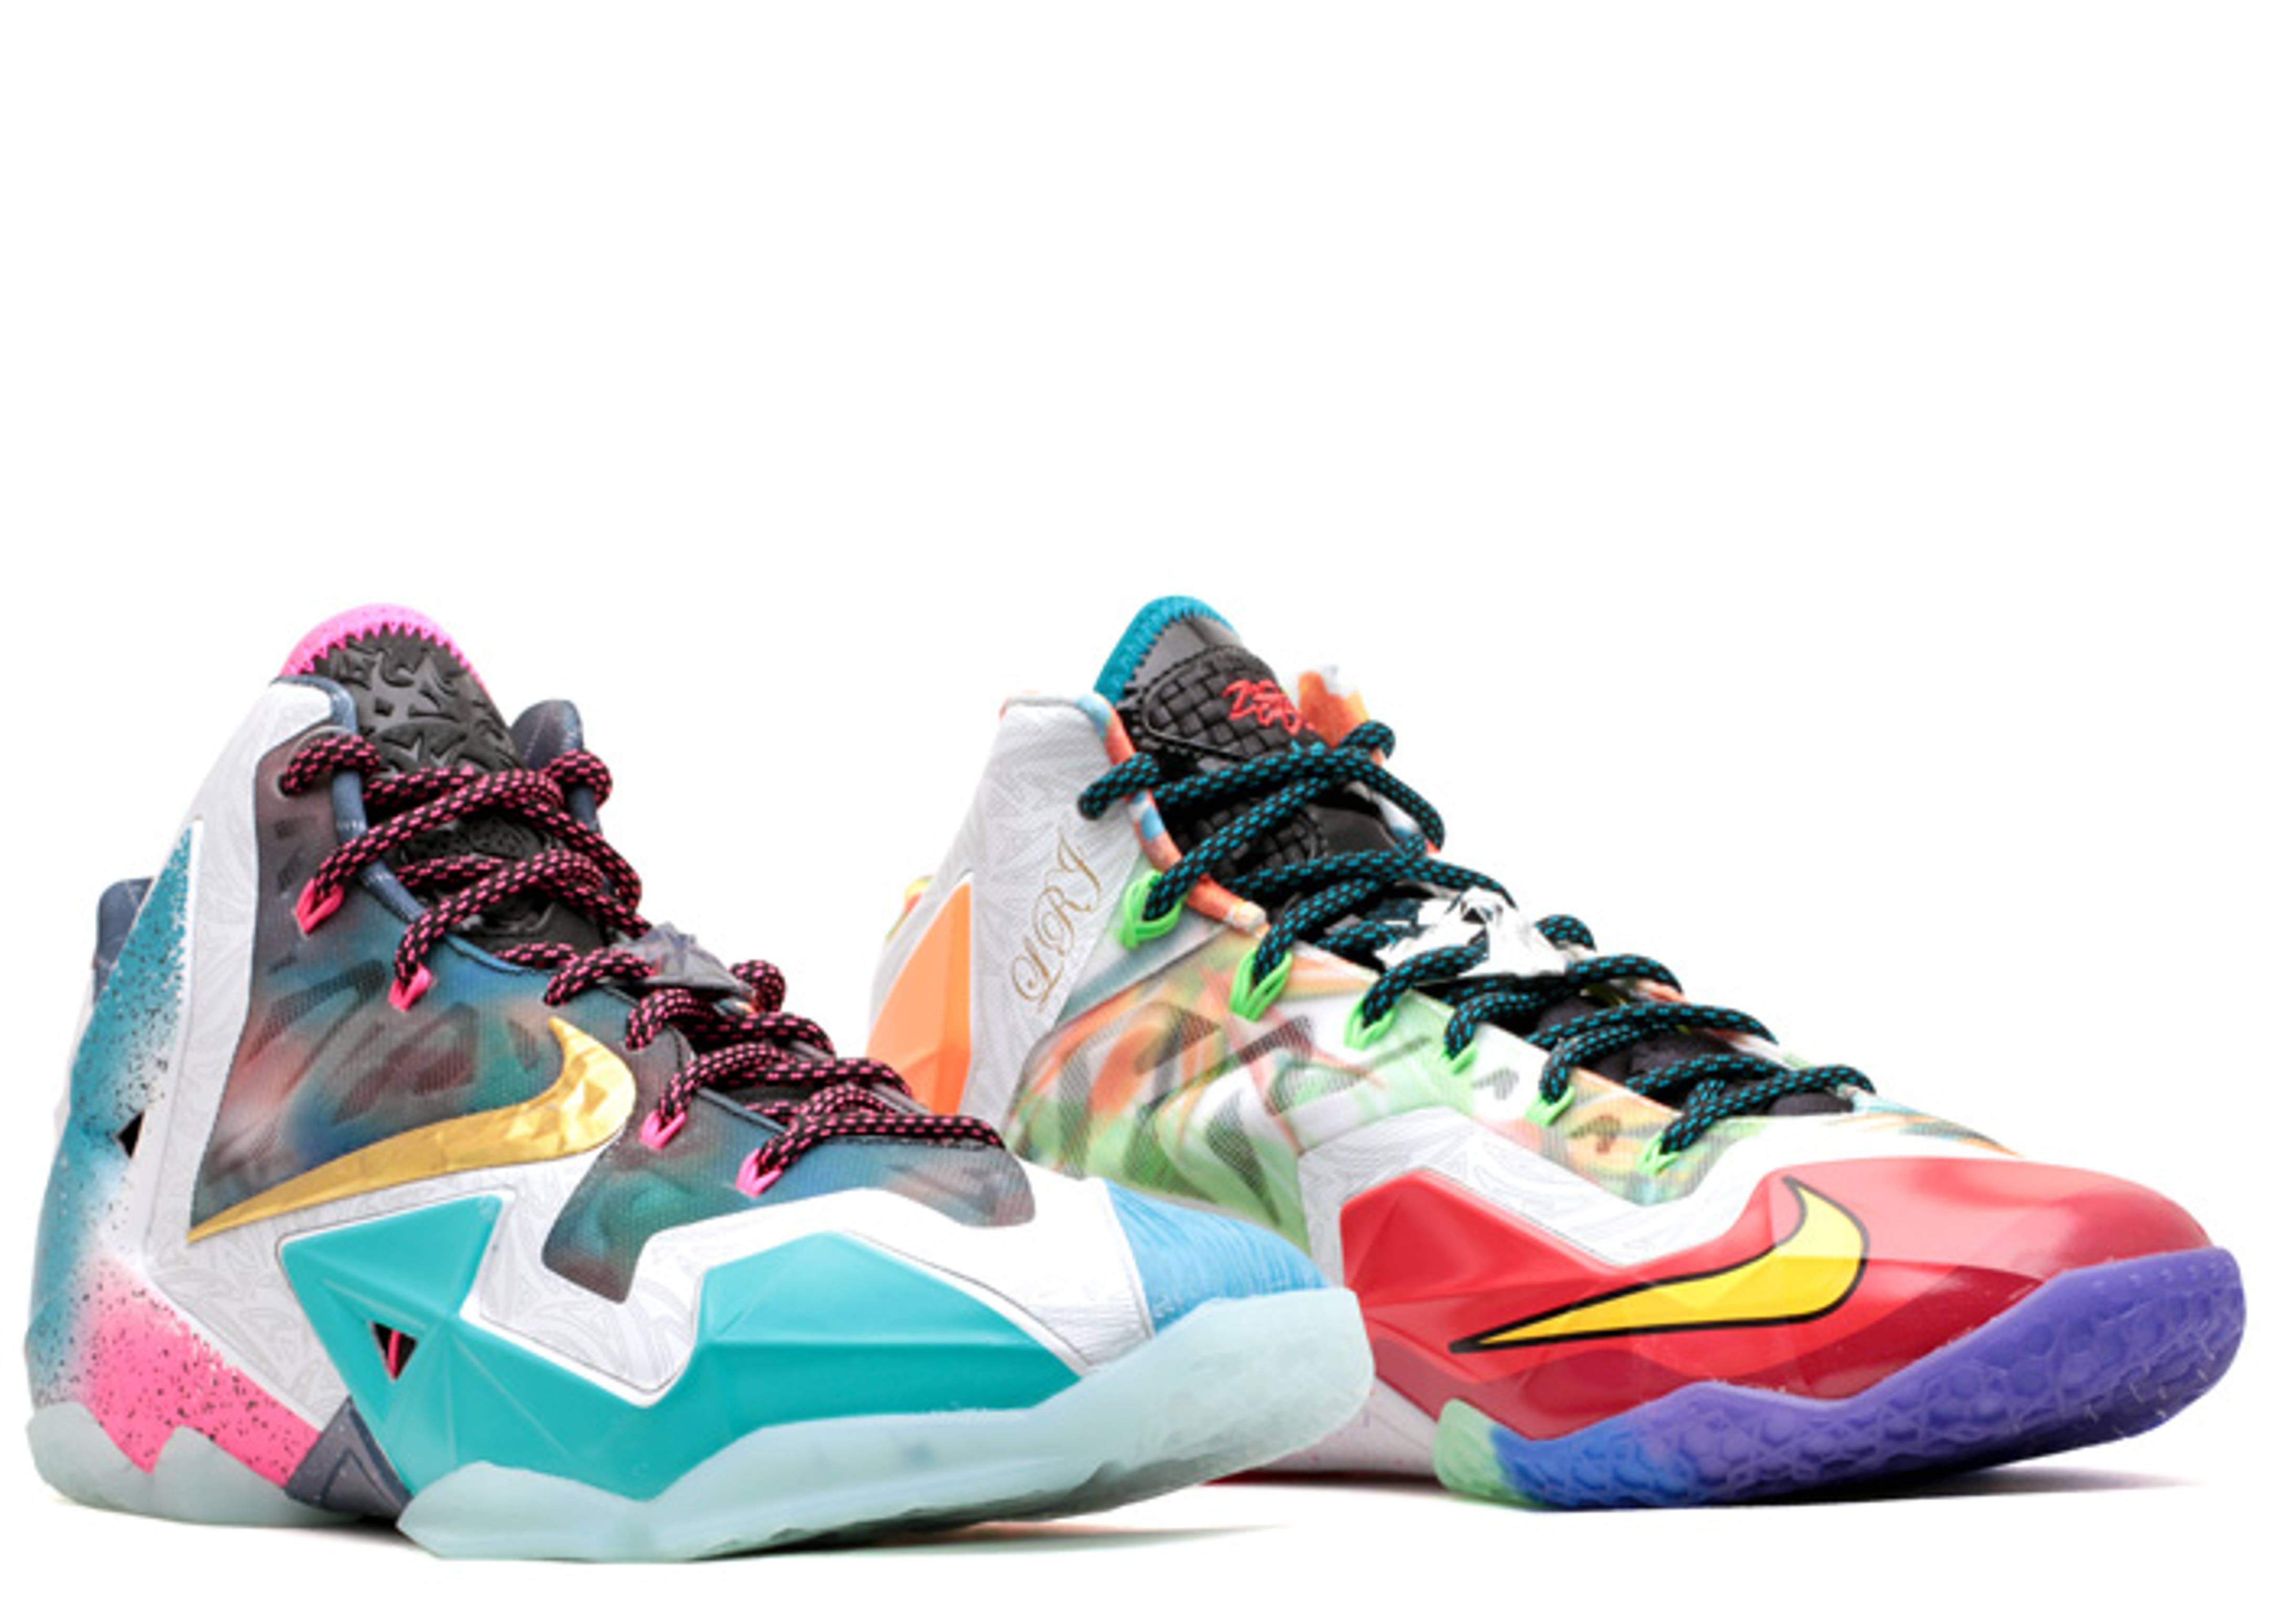 NIKE LEBRON - LeBron James - Shoes